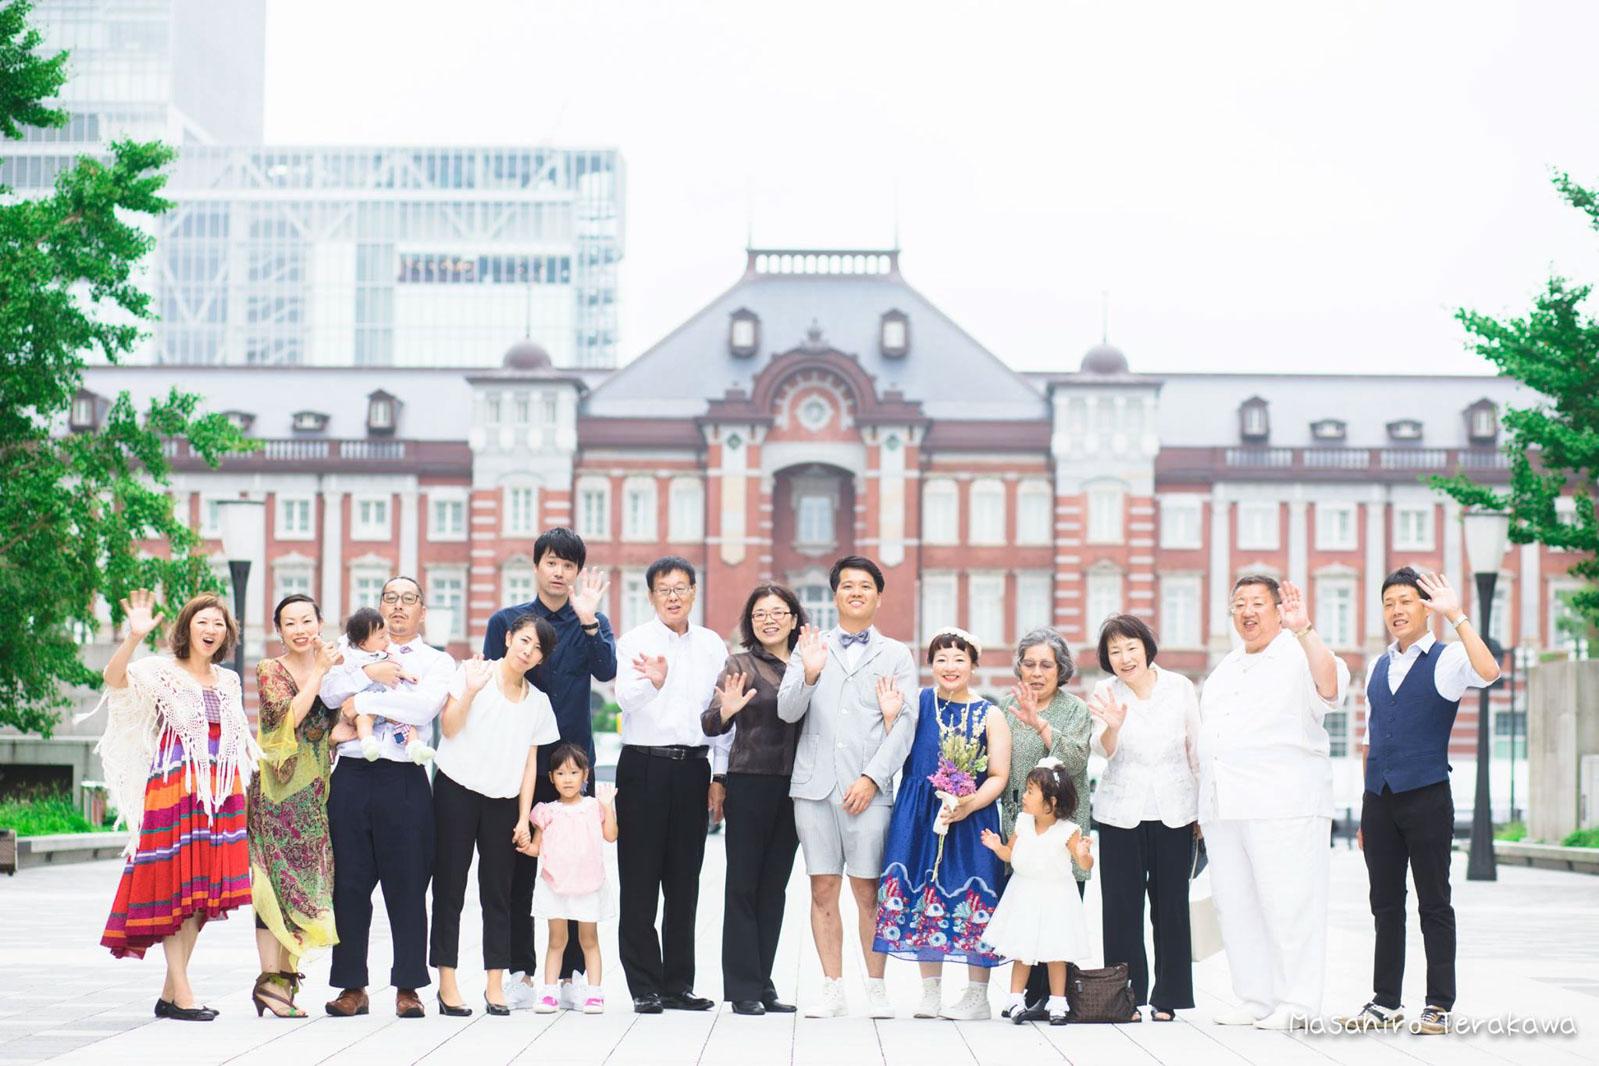 東京駅で丸ノ内中央口で結婚写真の撮影1